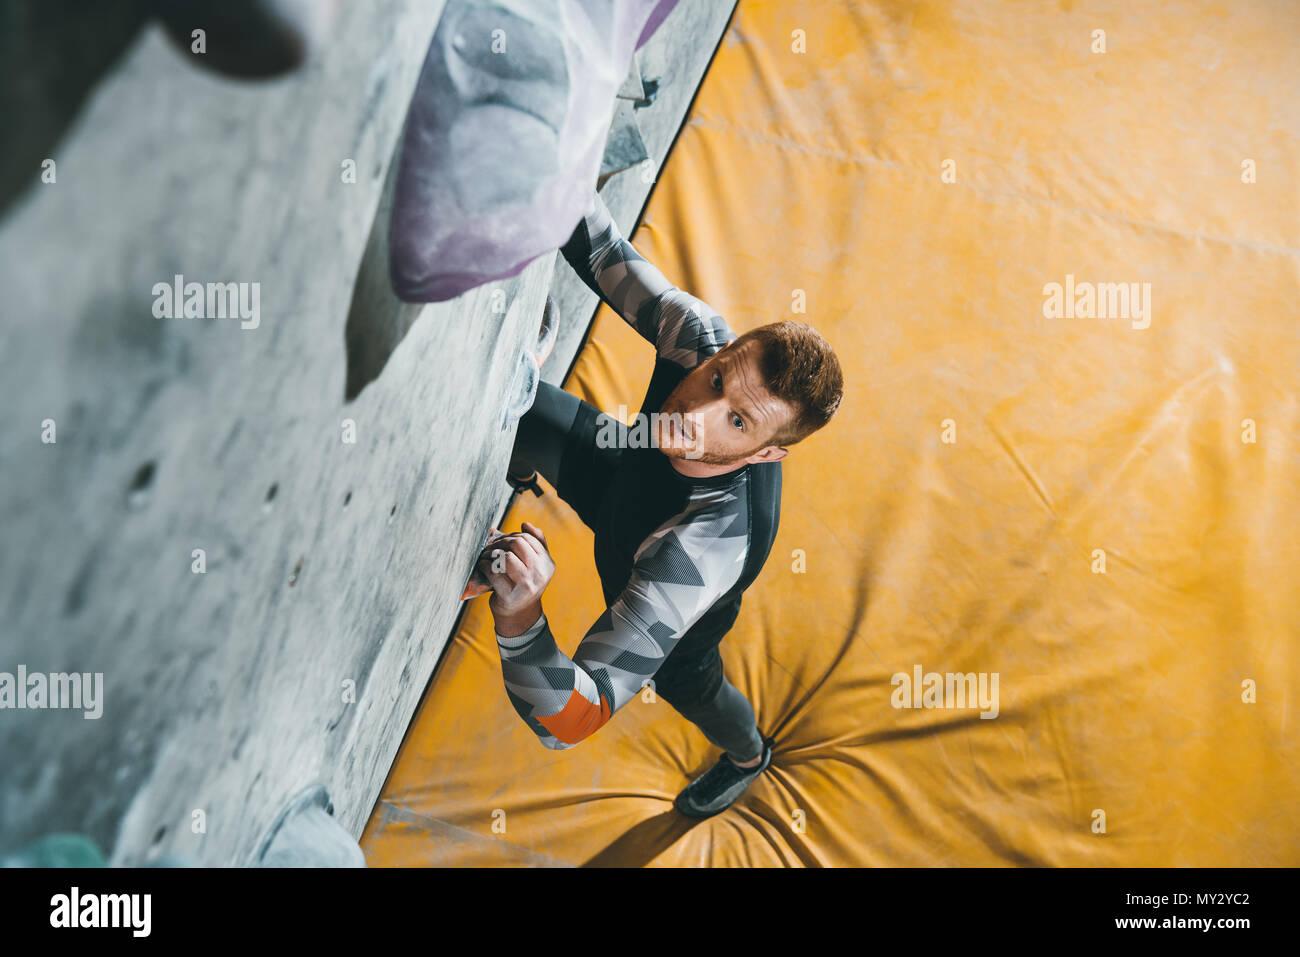 Disparo de alto ángulo de joven en vestimenta deportiva escalar una pared con mangos en gimnasio Imagen De Stock